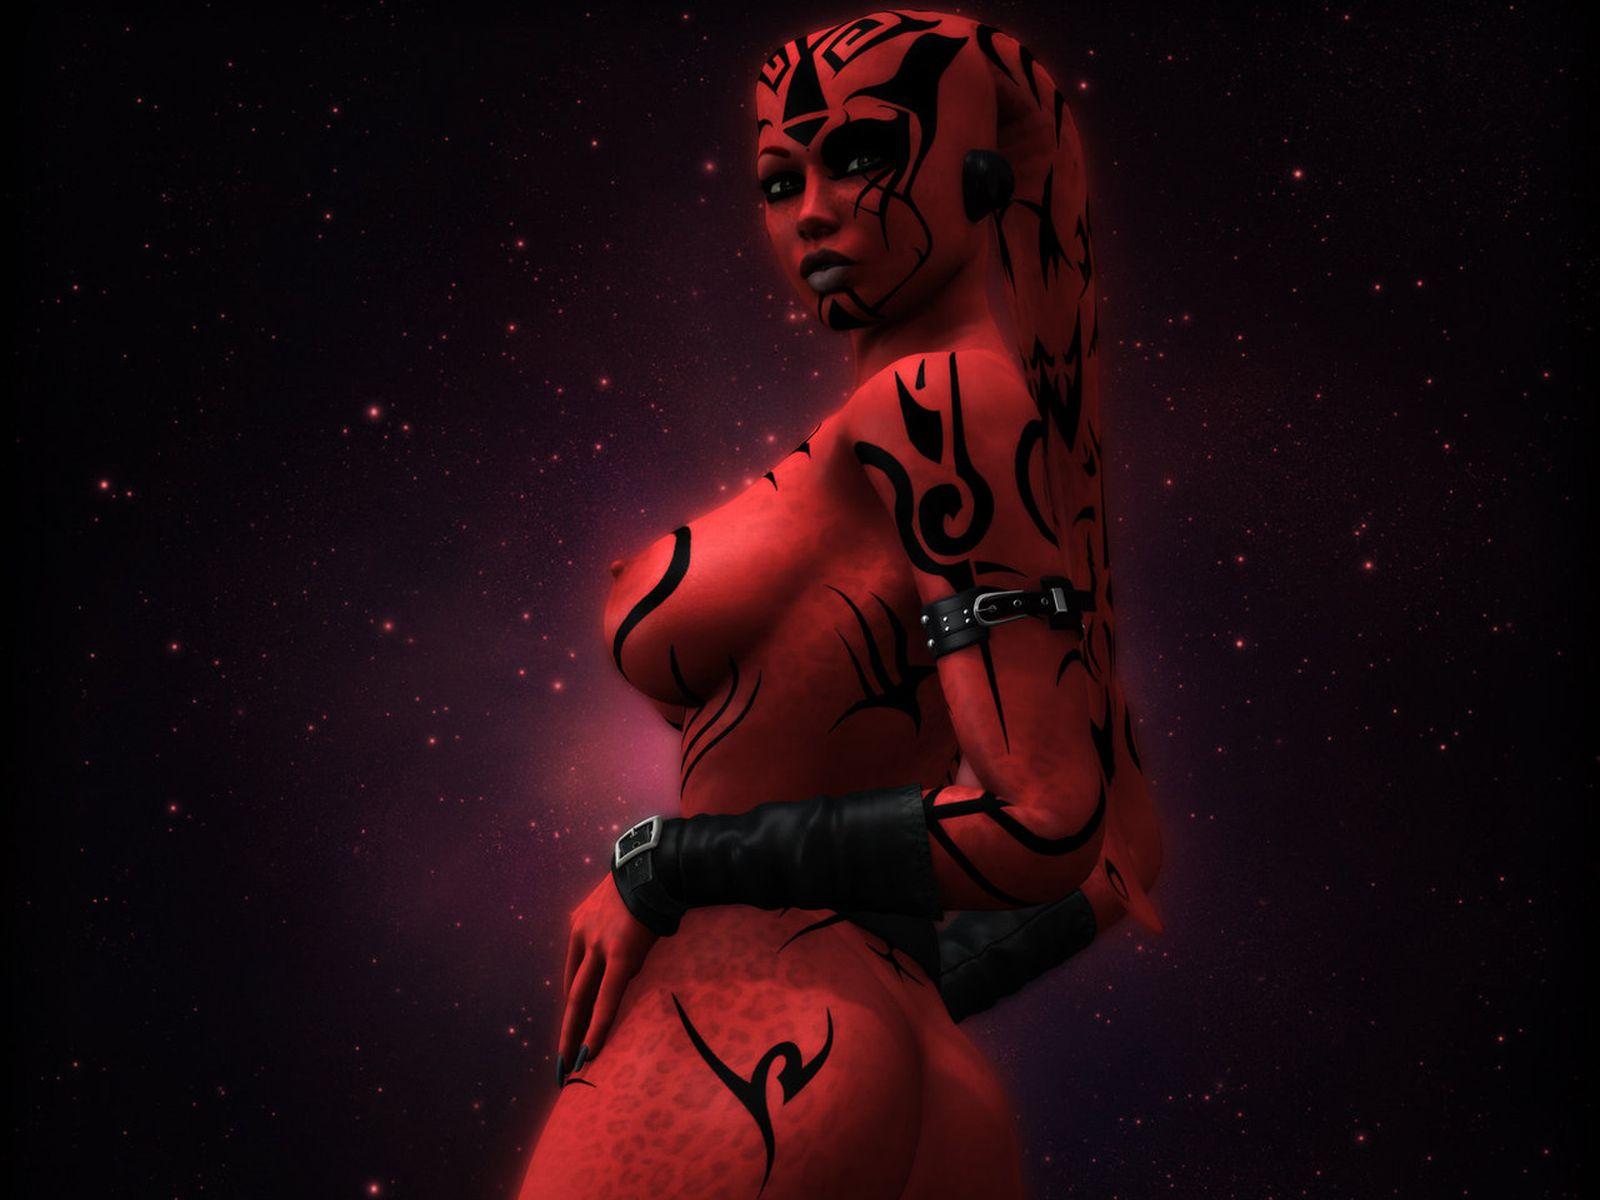 Star wars nude mod pornos clip